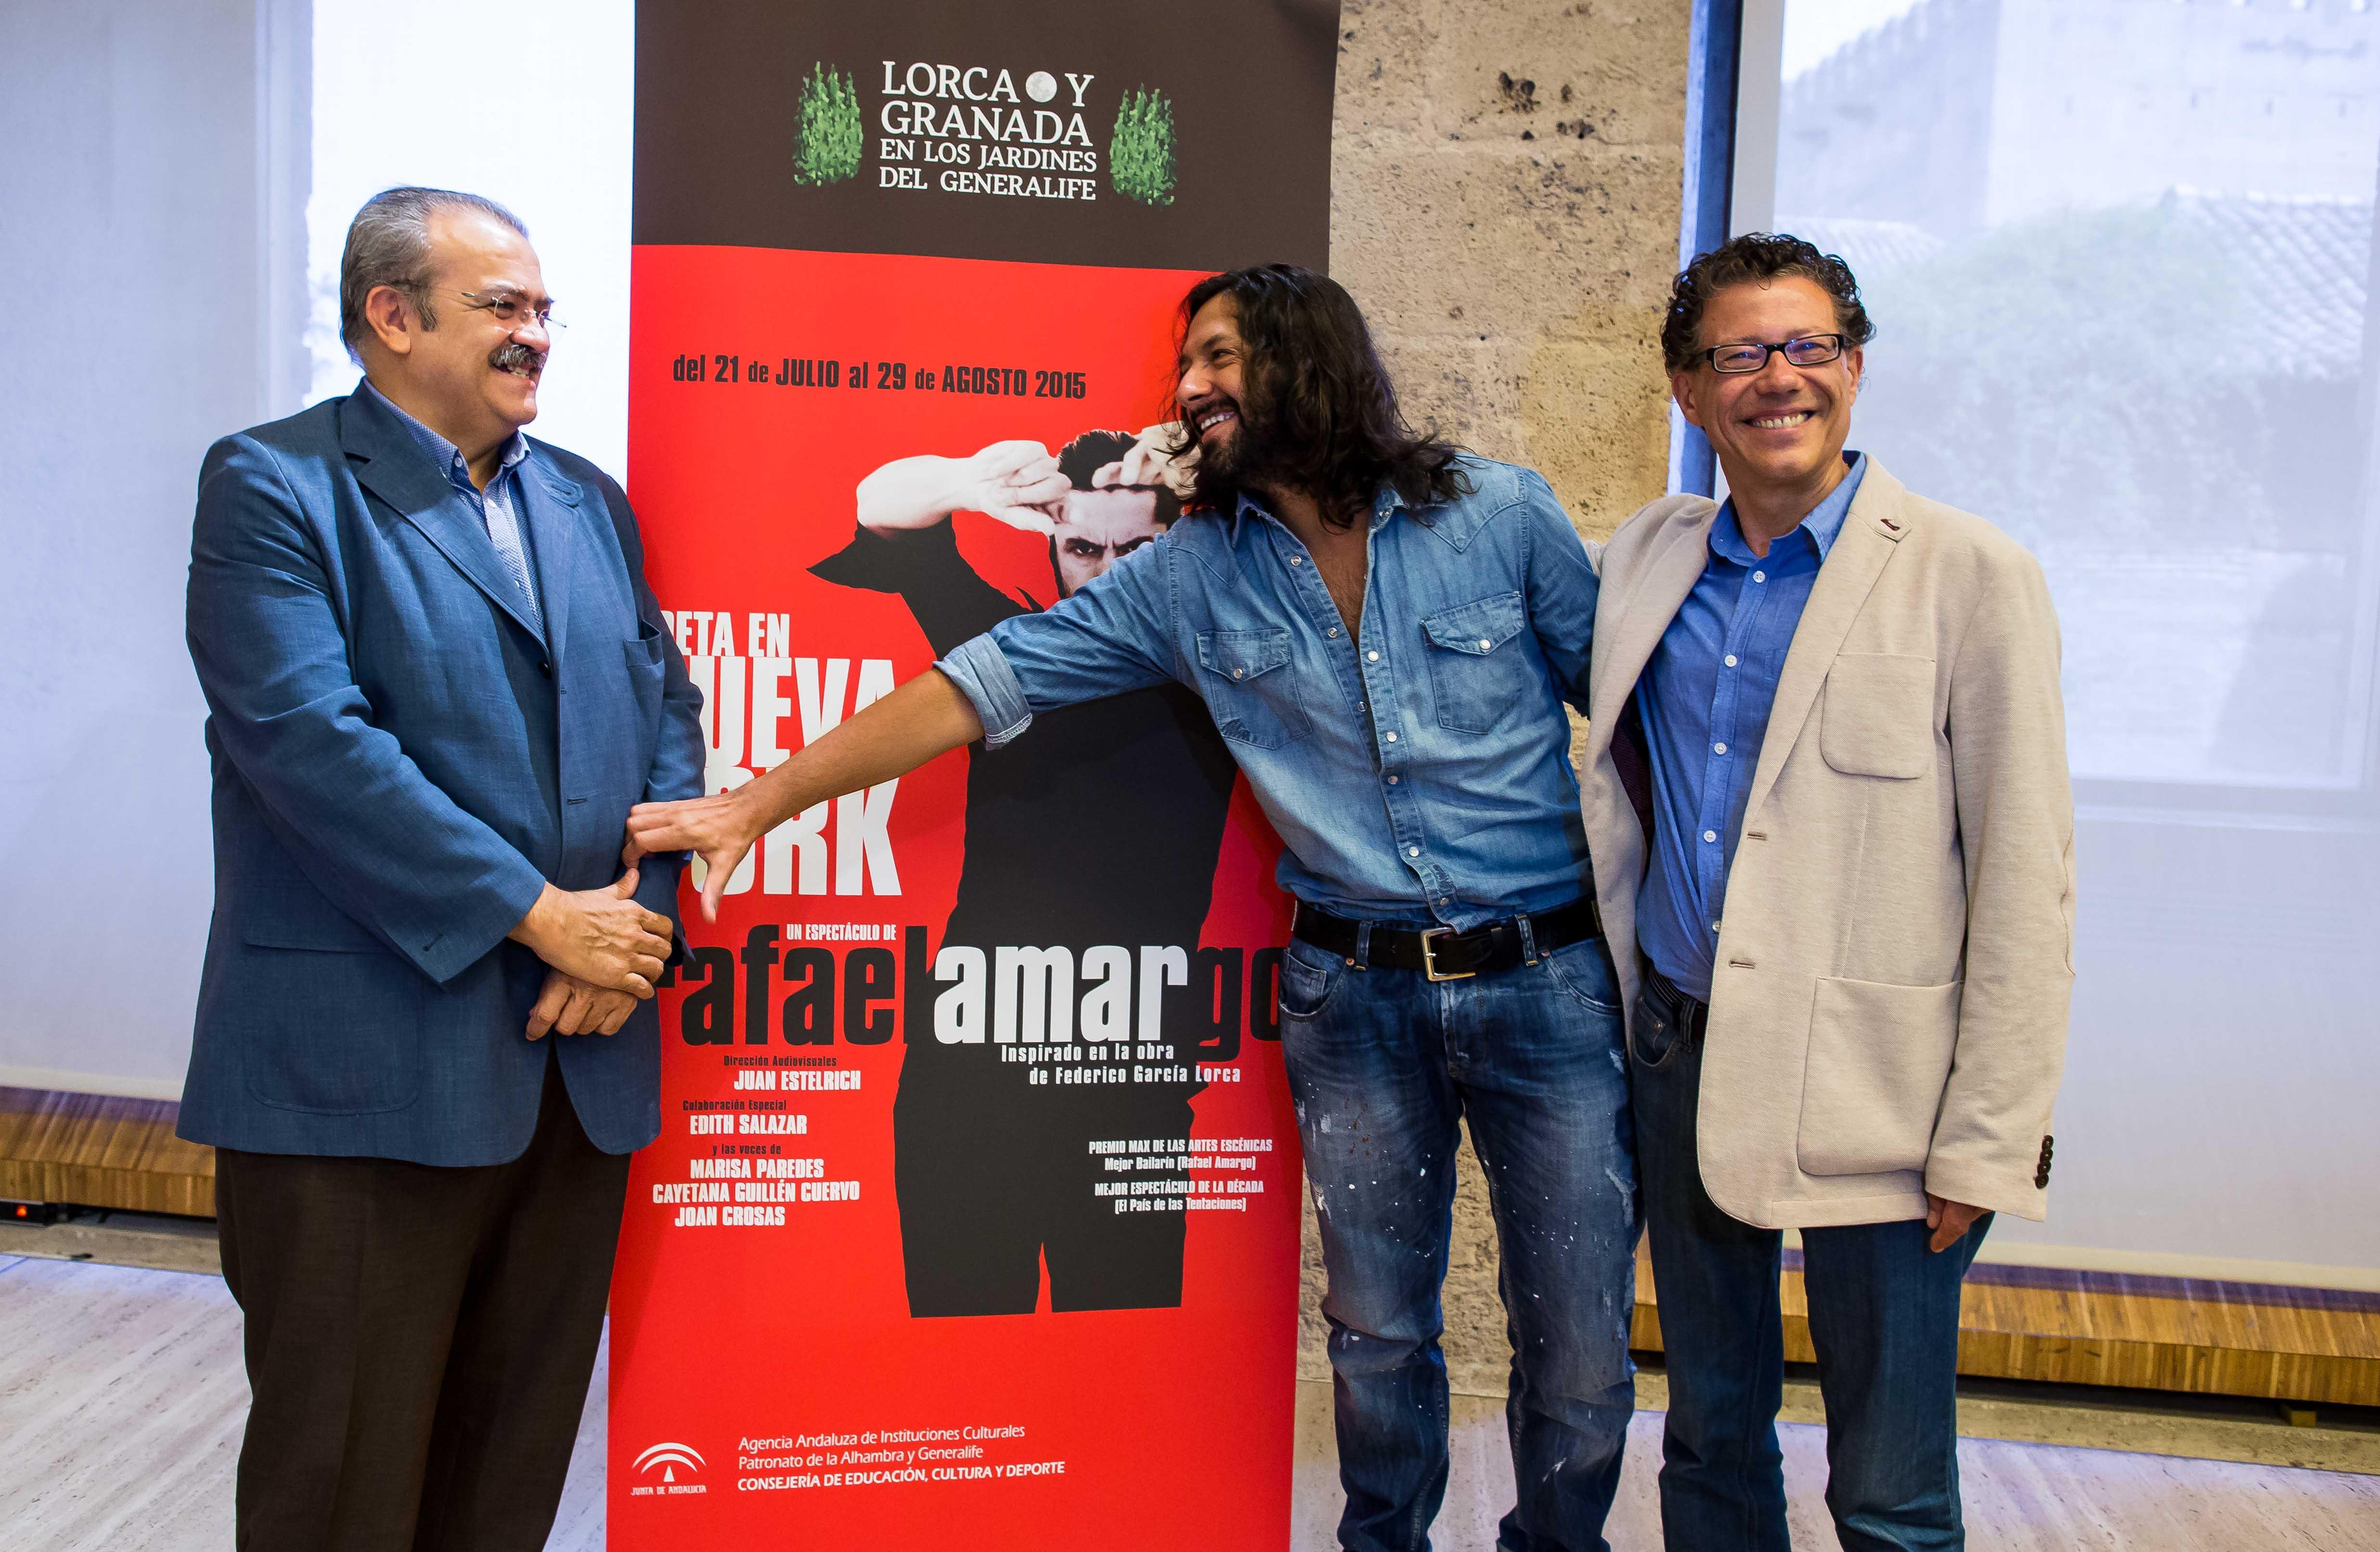 Más de 40.100 espectadores han pasado por el teatro del Generalife para ver Poeta en Nueva York de Rafael Amargo